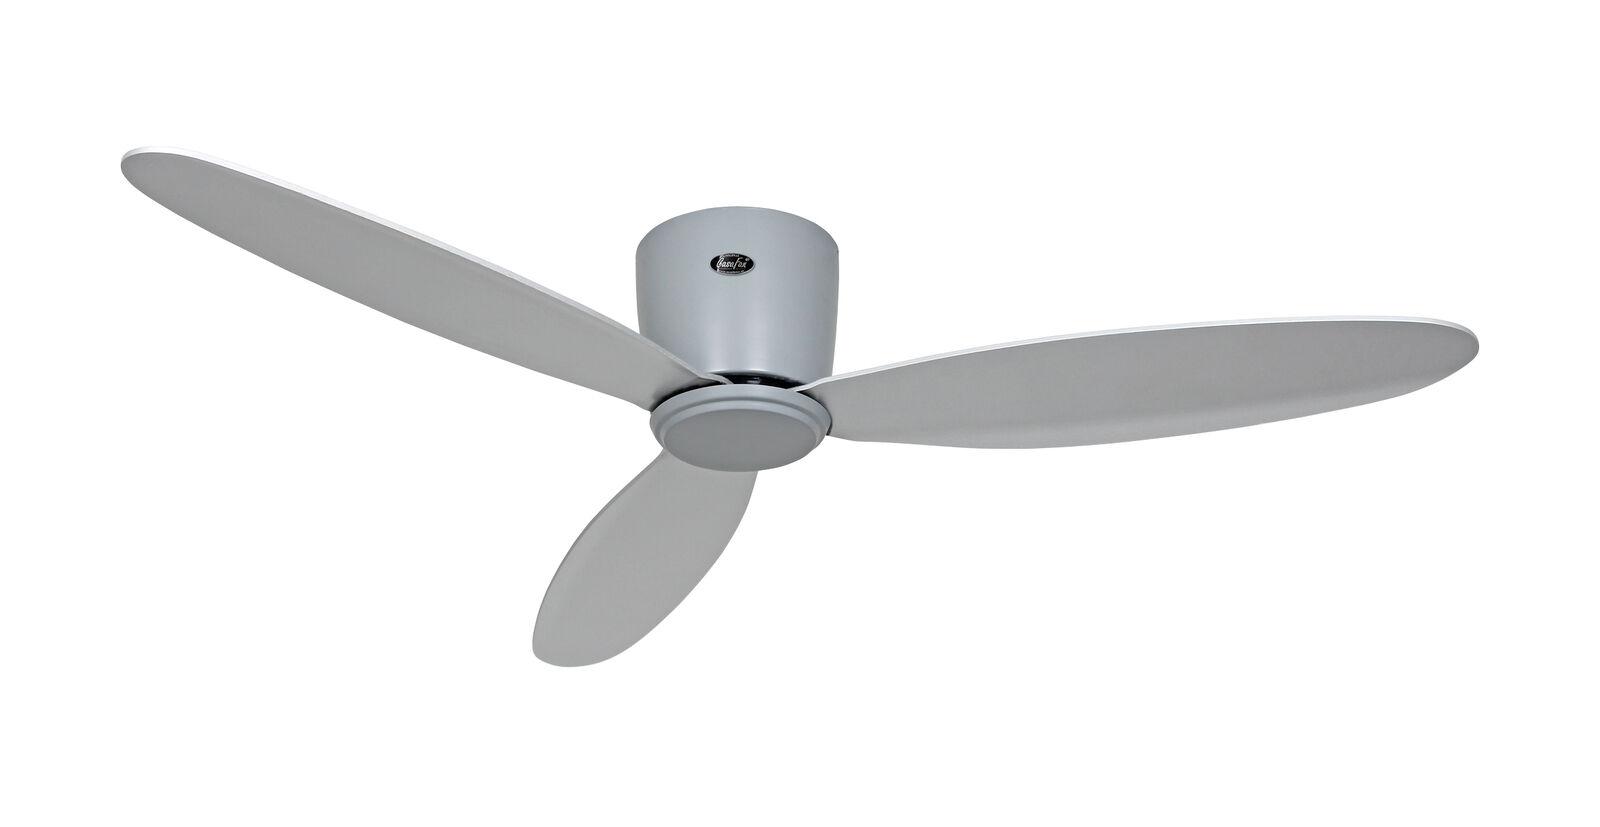 Ceiling fan CasaFan 311285 ECO PLANO II 112cm gray